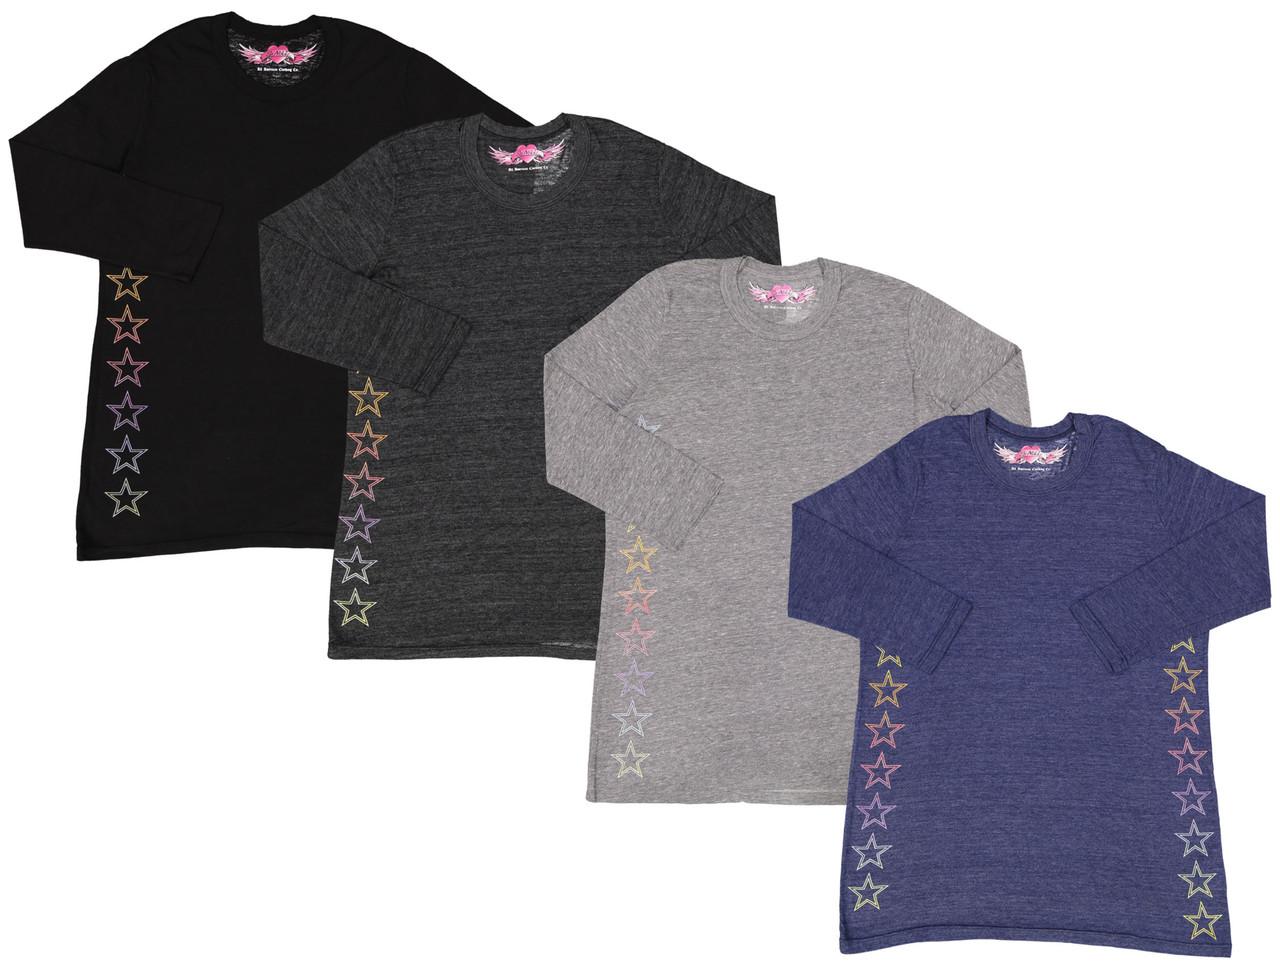 So Nikki Womens 3/4 Sleeve T-shirt - 1255J-P554B